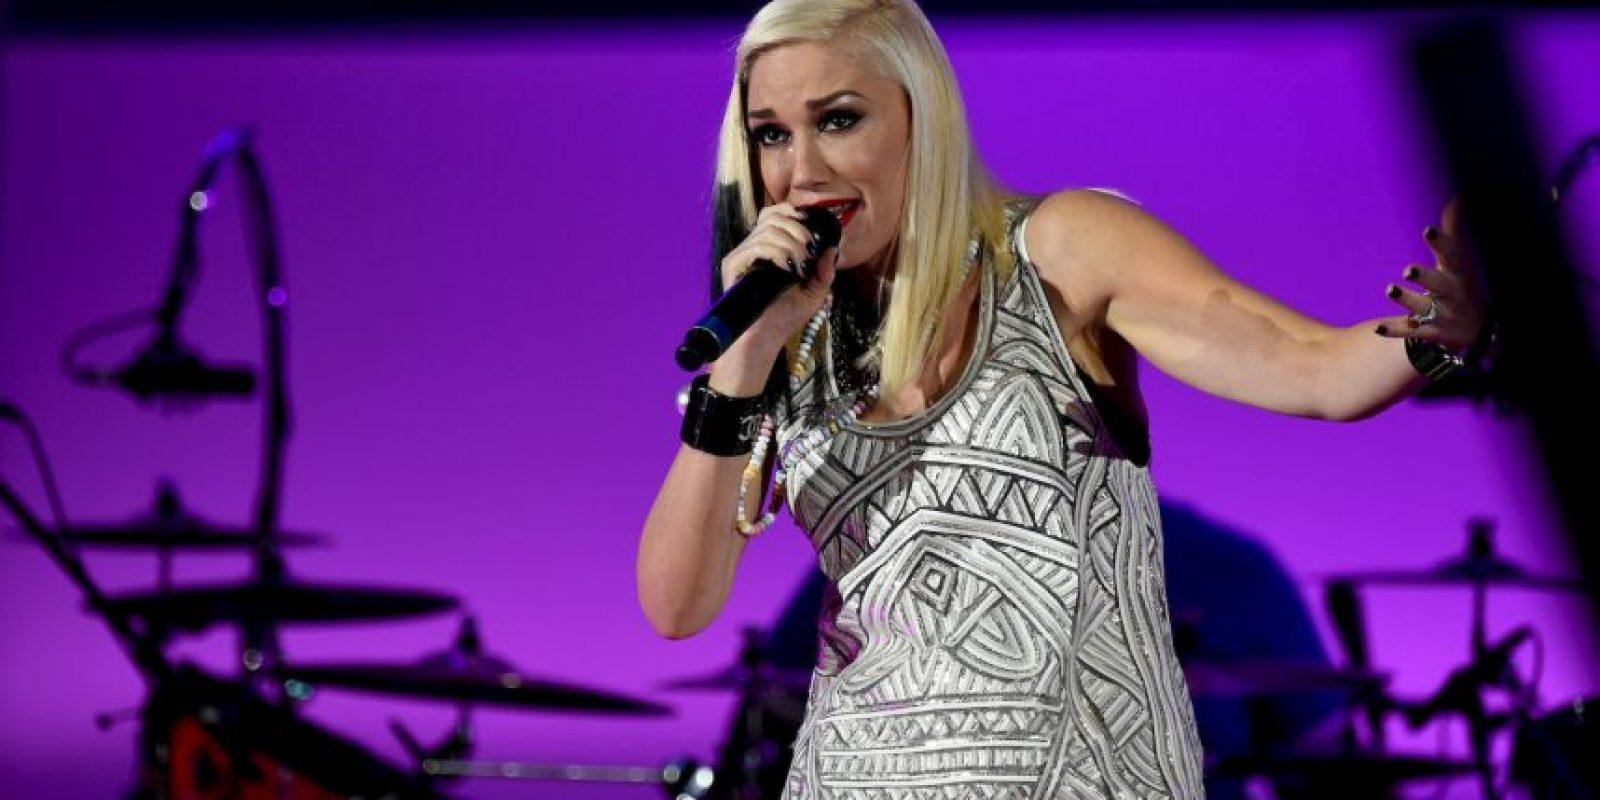 Sigue siendo una diva del pop y volvió con No Doubt, la banda que la hizo famosa Foto:Getty Images